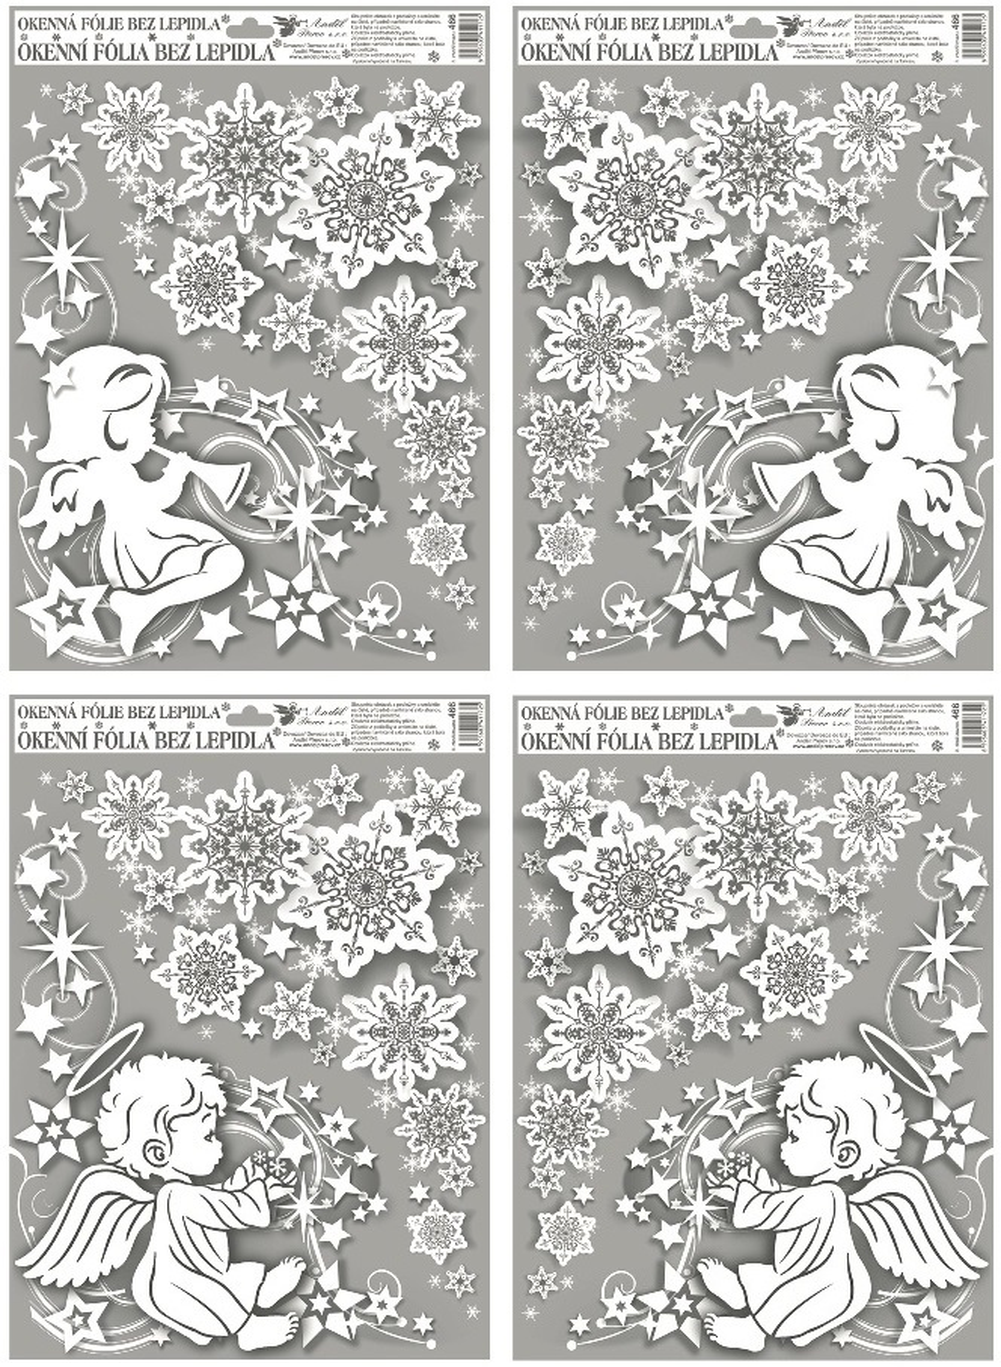 Fólie na okna rohová andílci s duhovými glitry 38x30cm